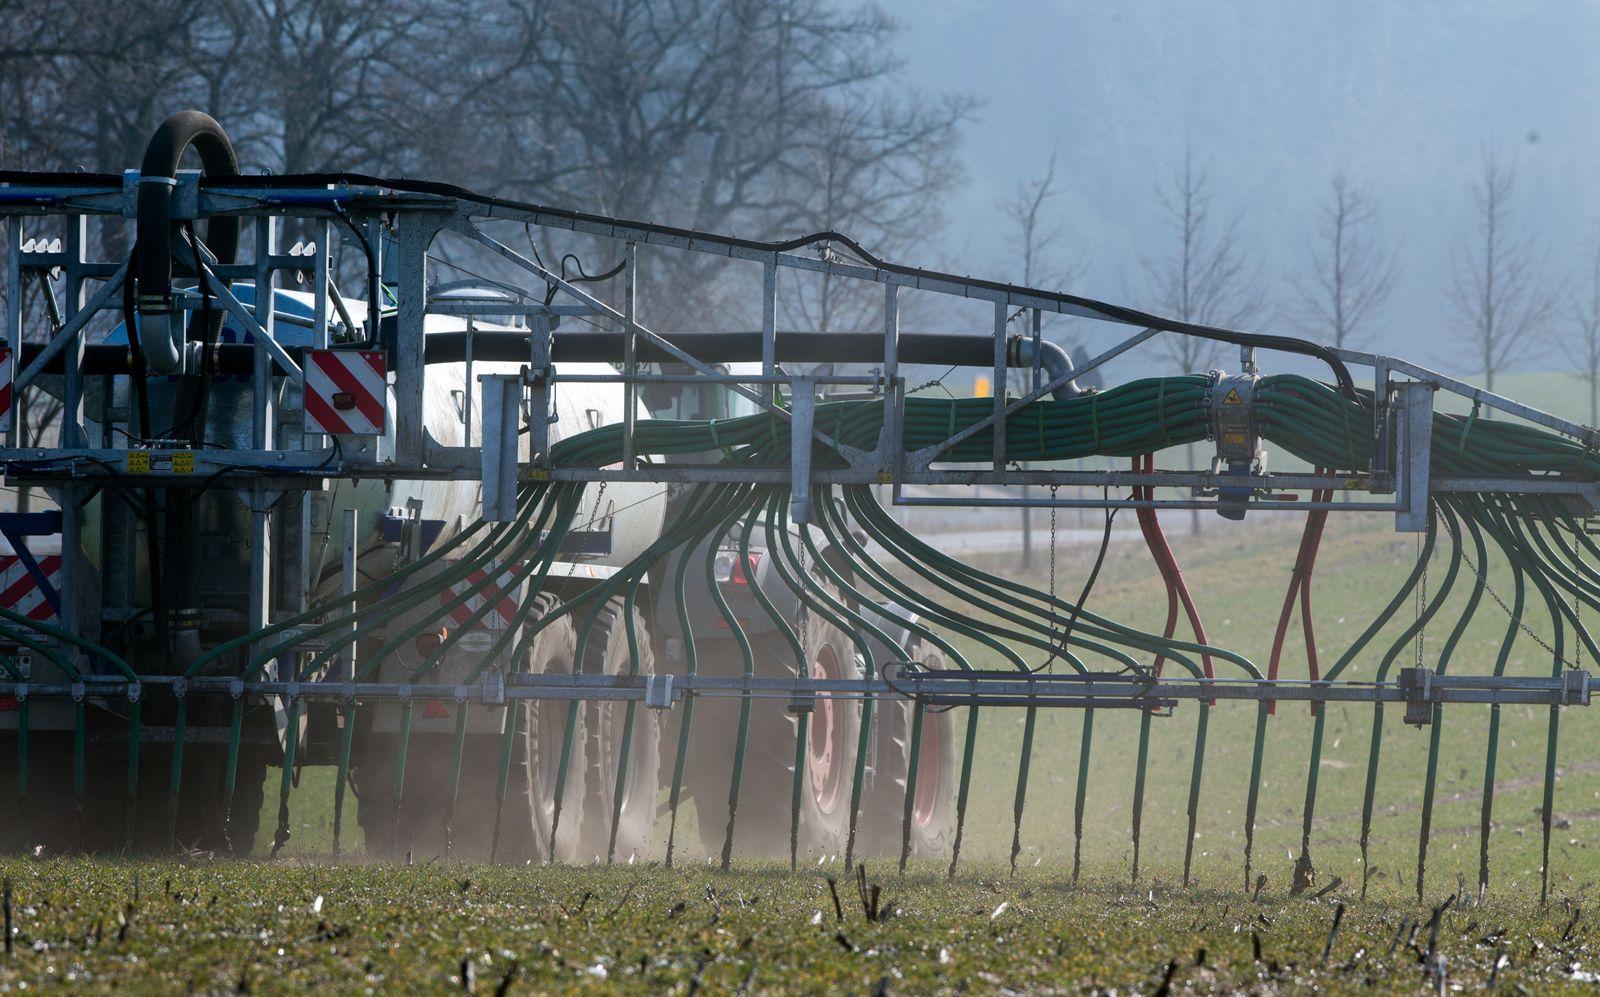 SPERRFRIST 16.09.15 19Uhr Luftverschmutzung/ Gülledüngung auf Getreideacker